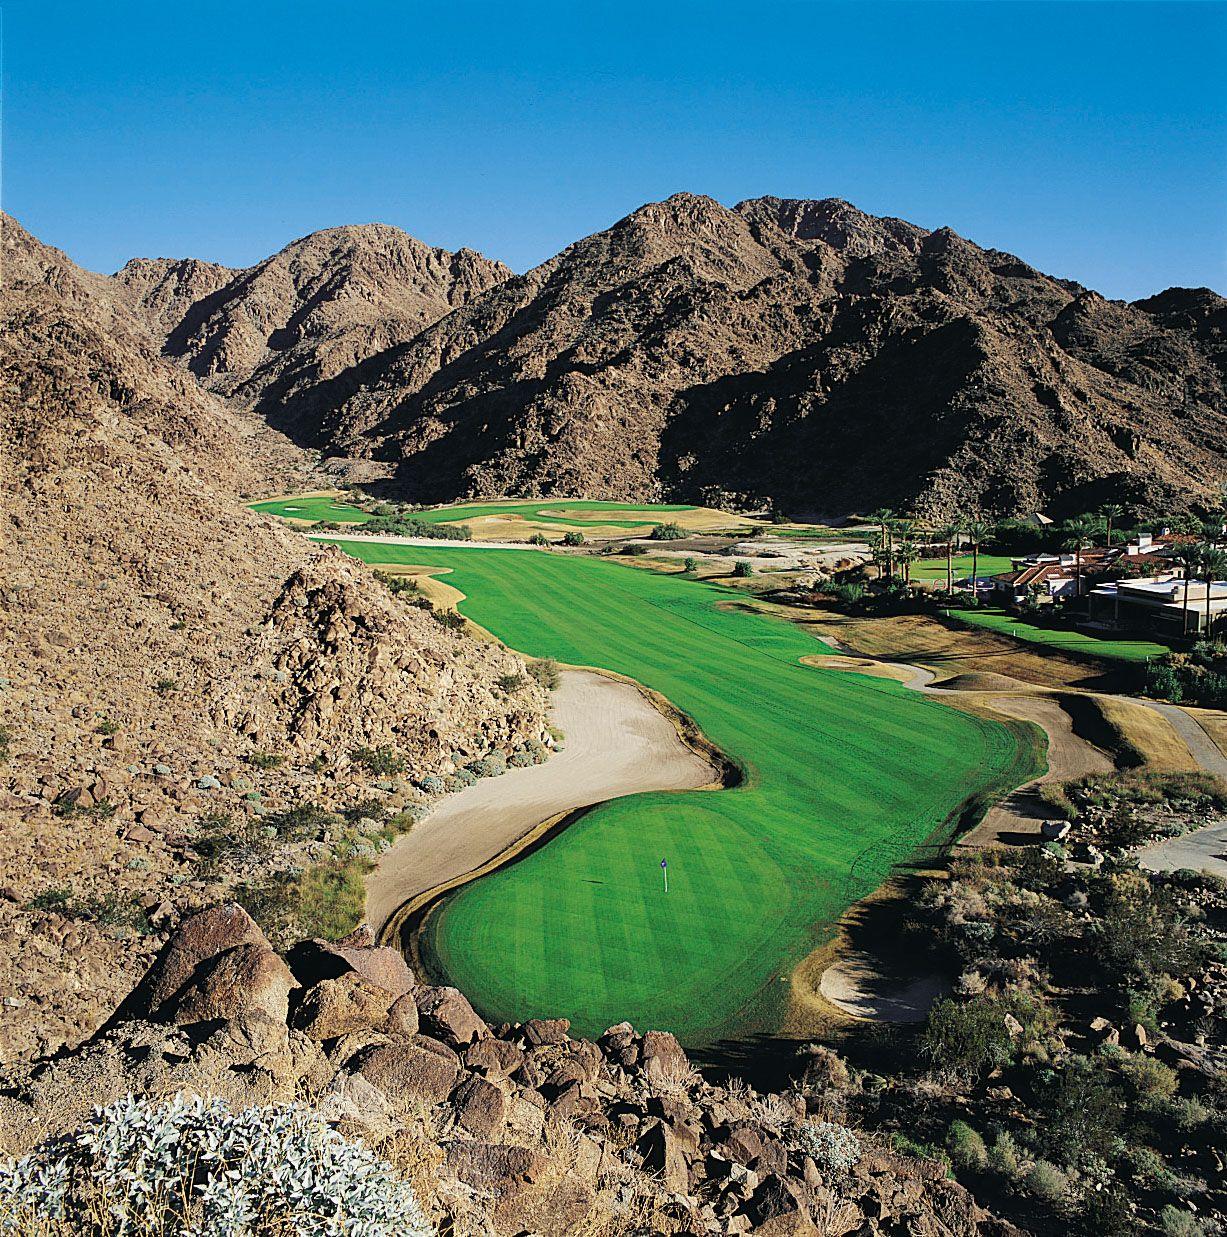 la quinta resort mountain course in la quinta, california, usa